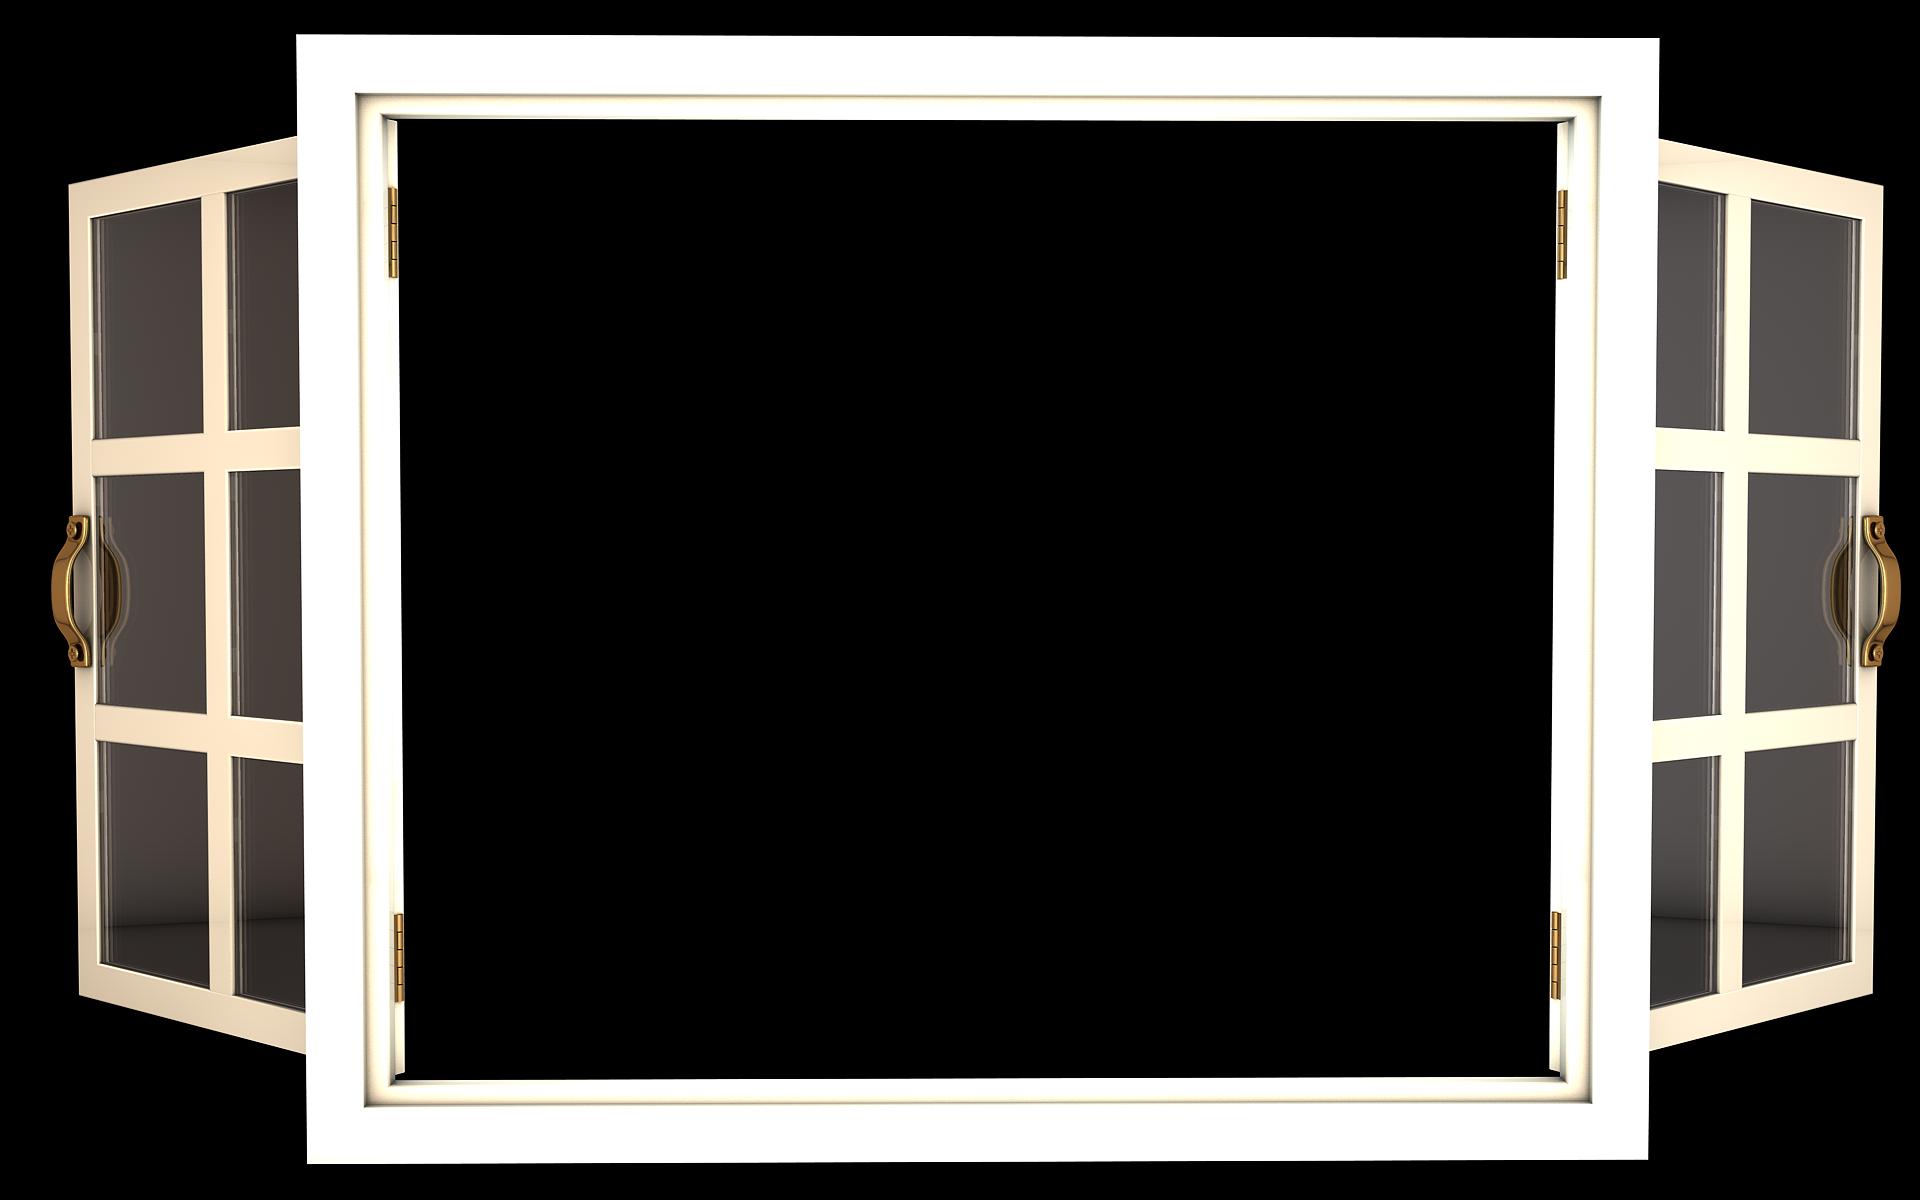 window frame 3 by taz09 - Window Frame